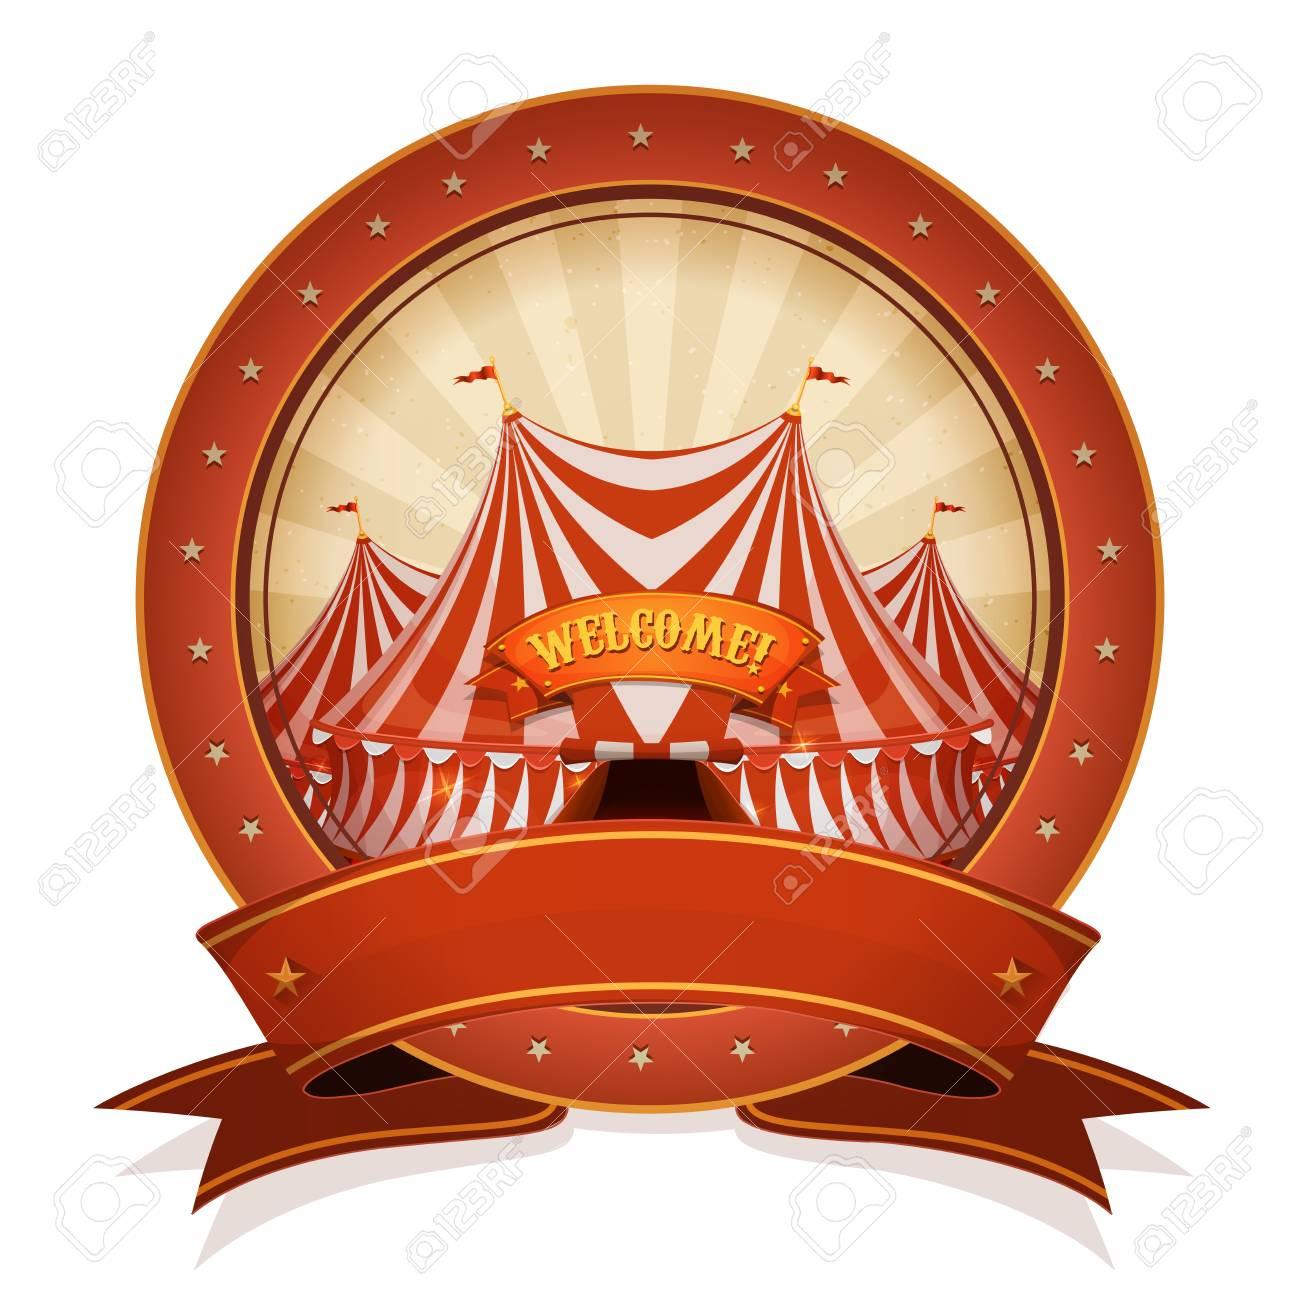 Ilustración De Una Insignia Retro Y Vintage Cartel De Circo, Con ...